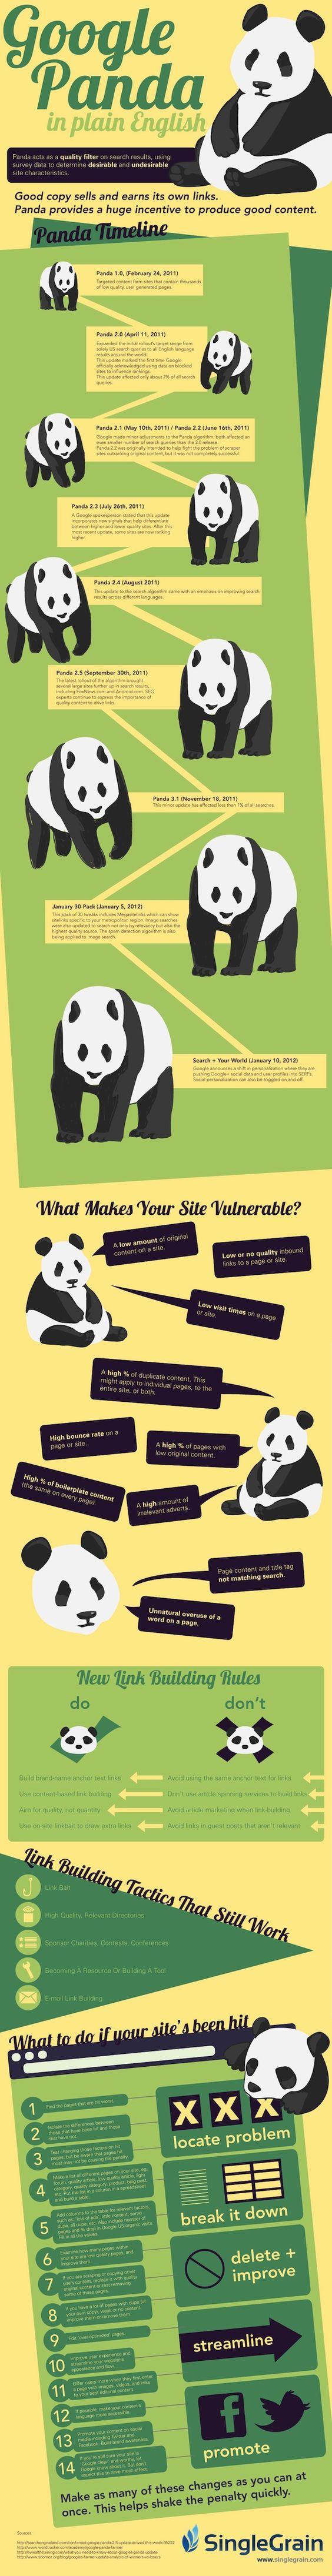 Google Panda for SEO Folks that Aren't Bears